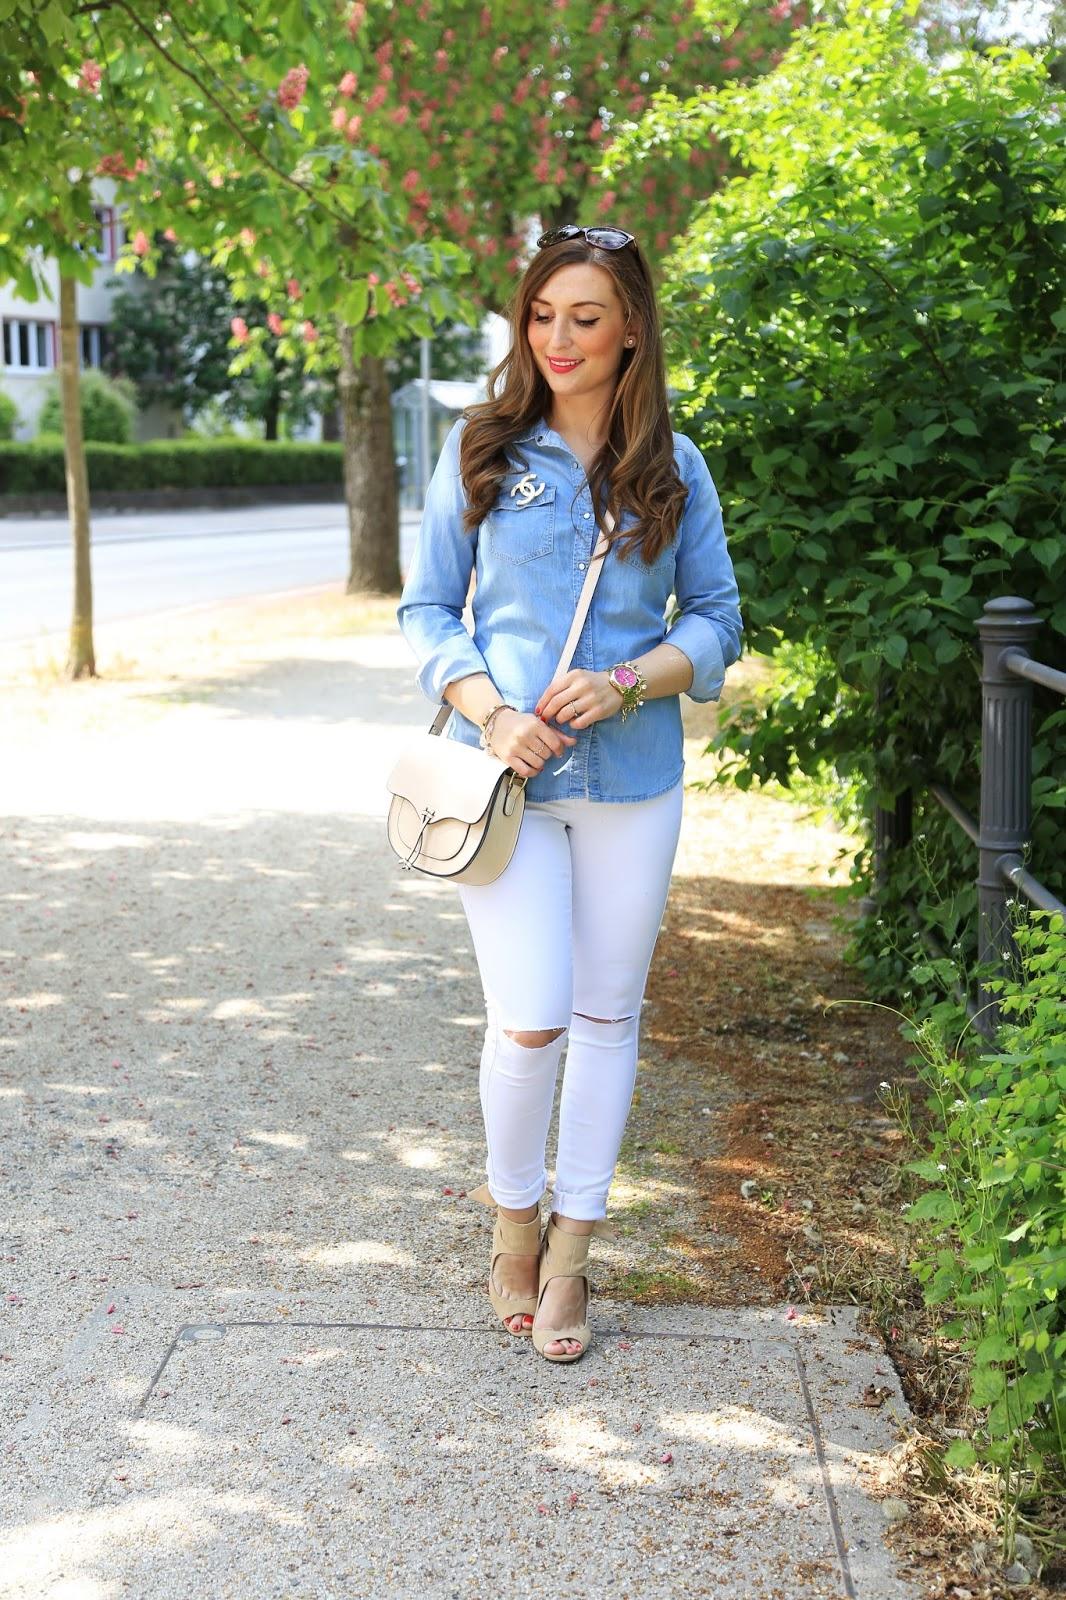 Frankfurt Fashionblogger , Fashion und Lifestyleblog, Fashionblogger aus Deutschland